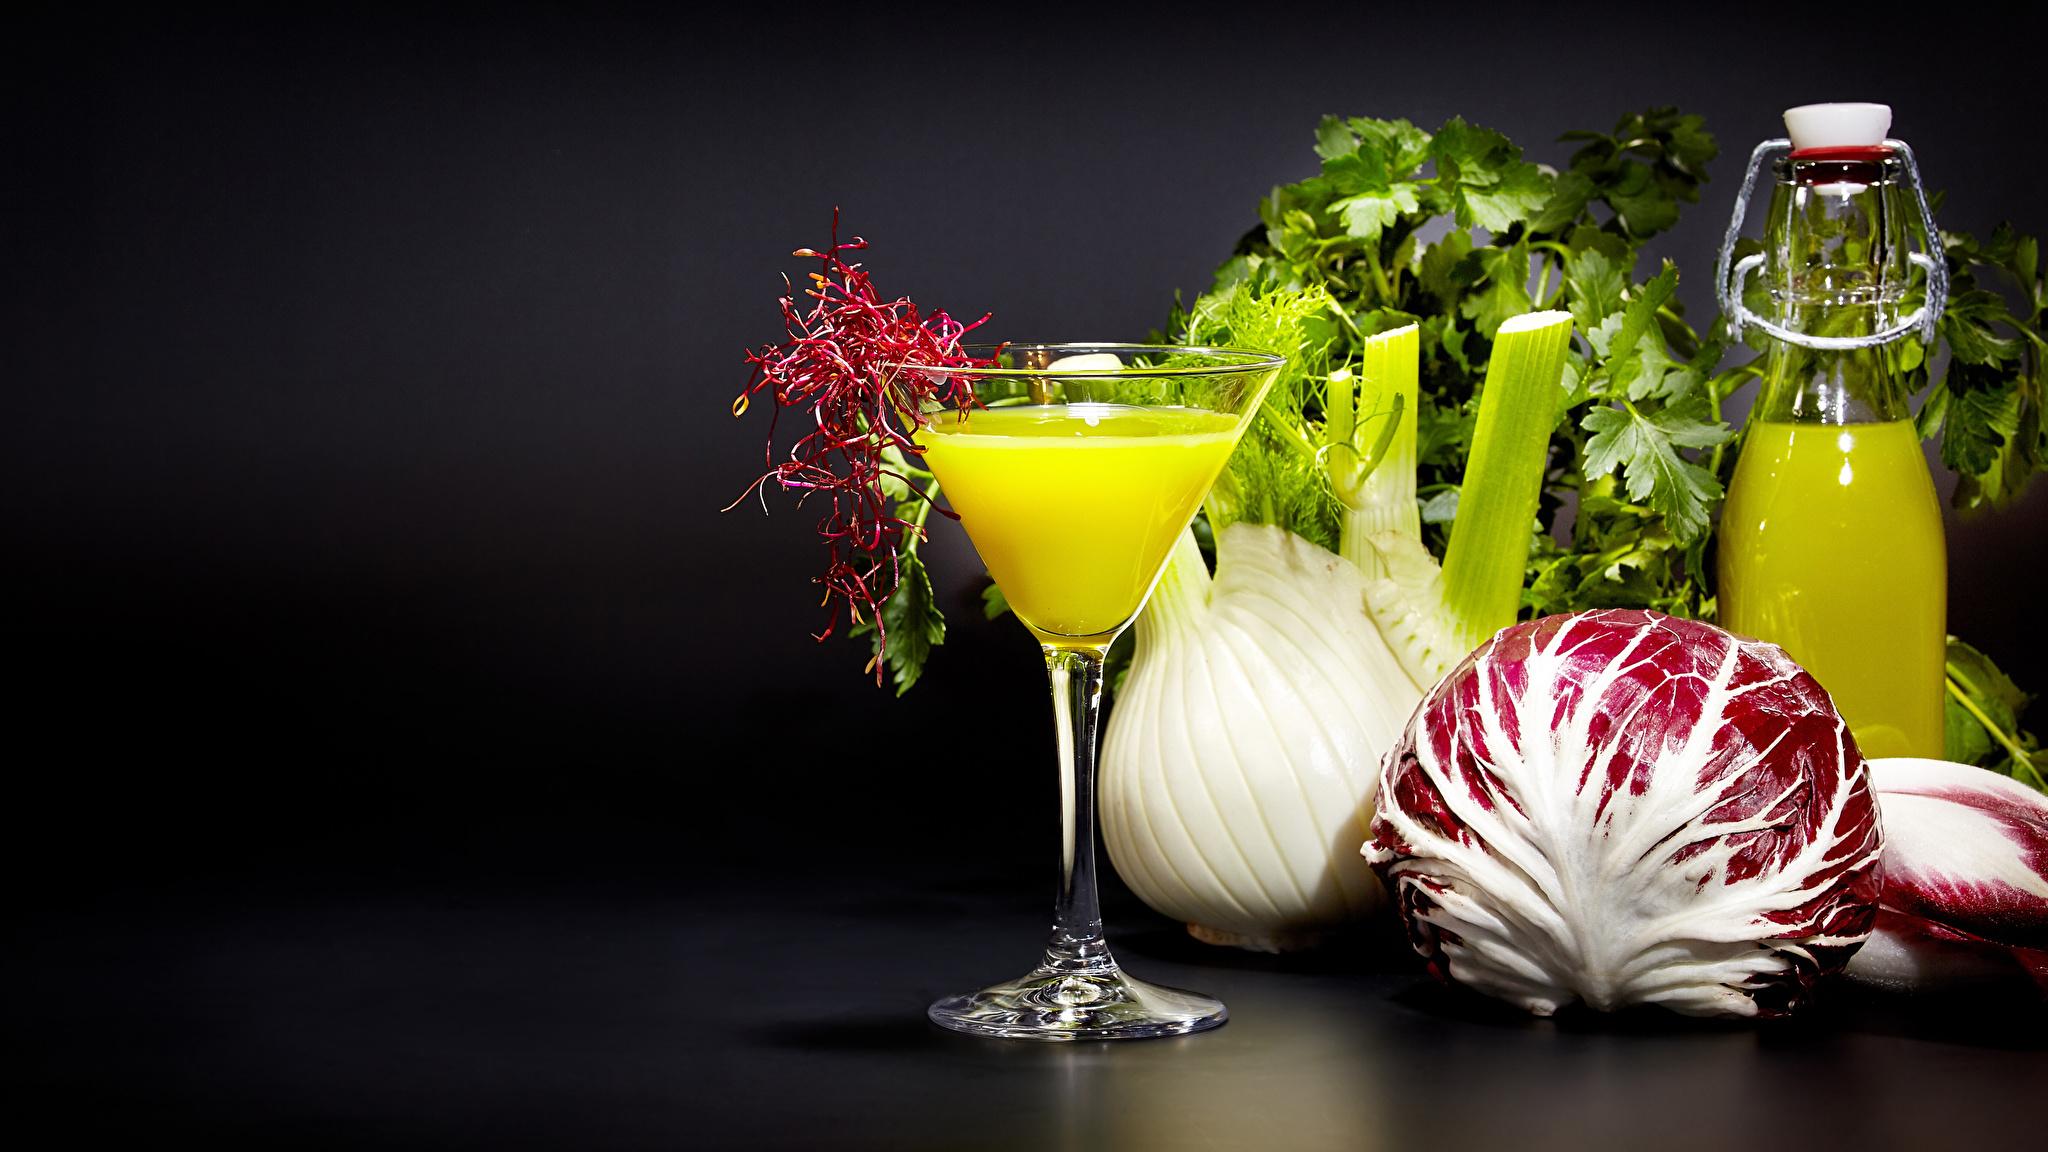 Foto Saft Gemüse Flasche Weinglas Lebensmittel 2048x1152 Fruchtsaft